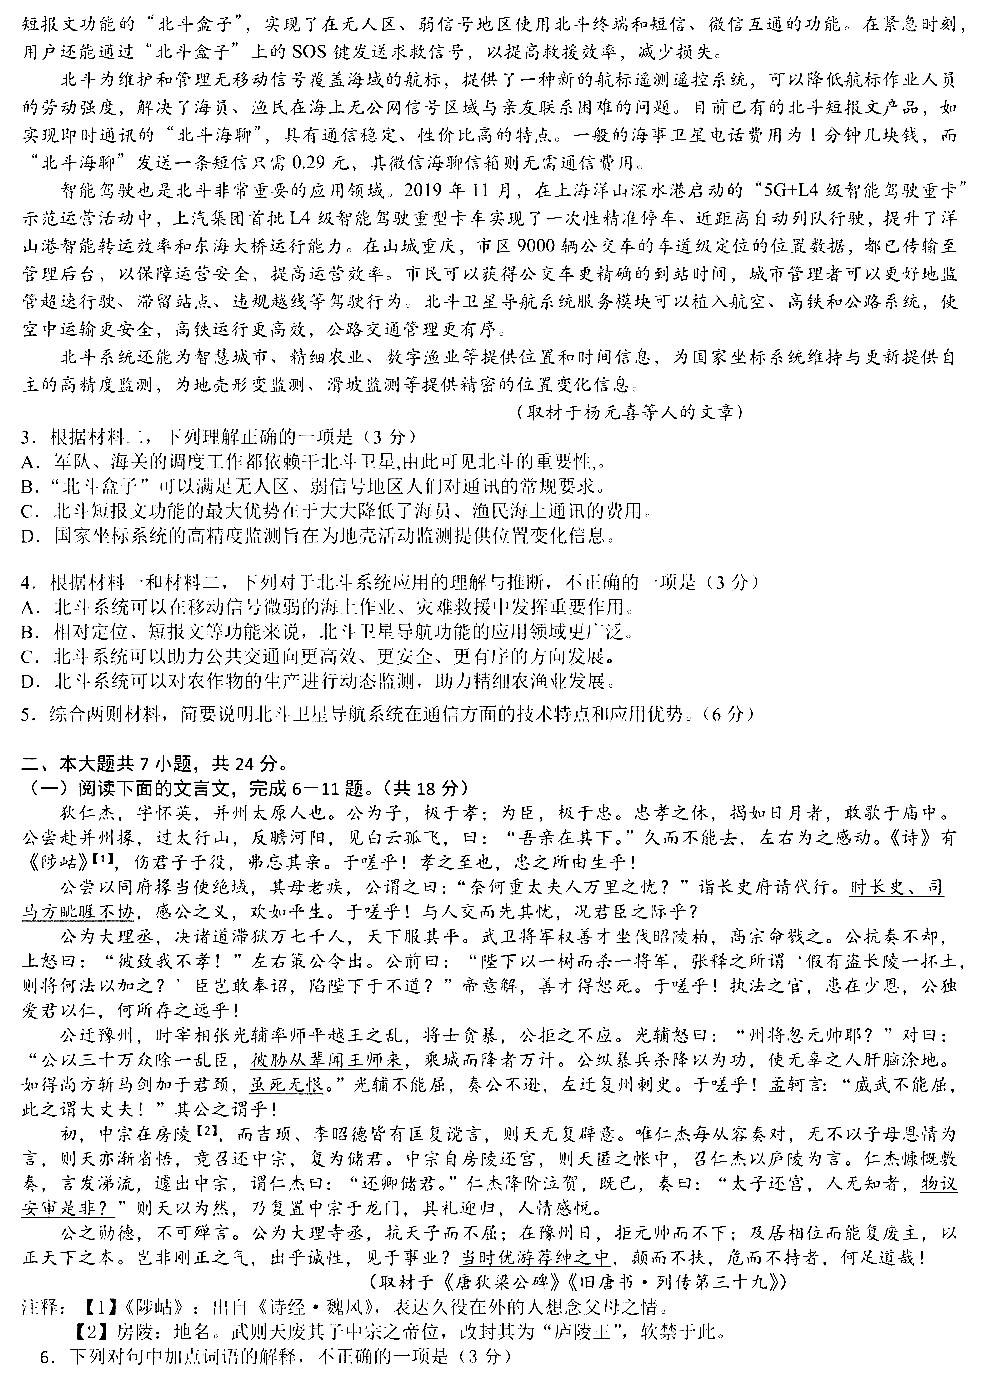 北京十一学校2021高三开学考语文试题及答案图2